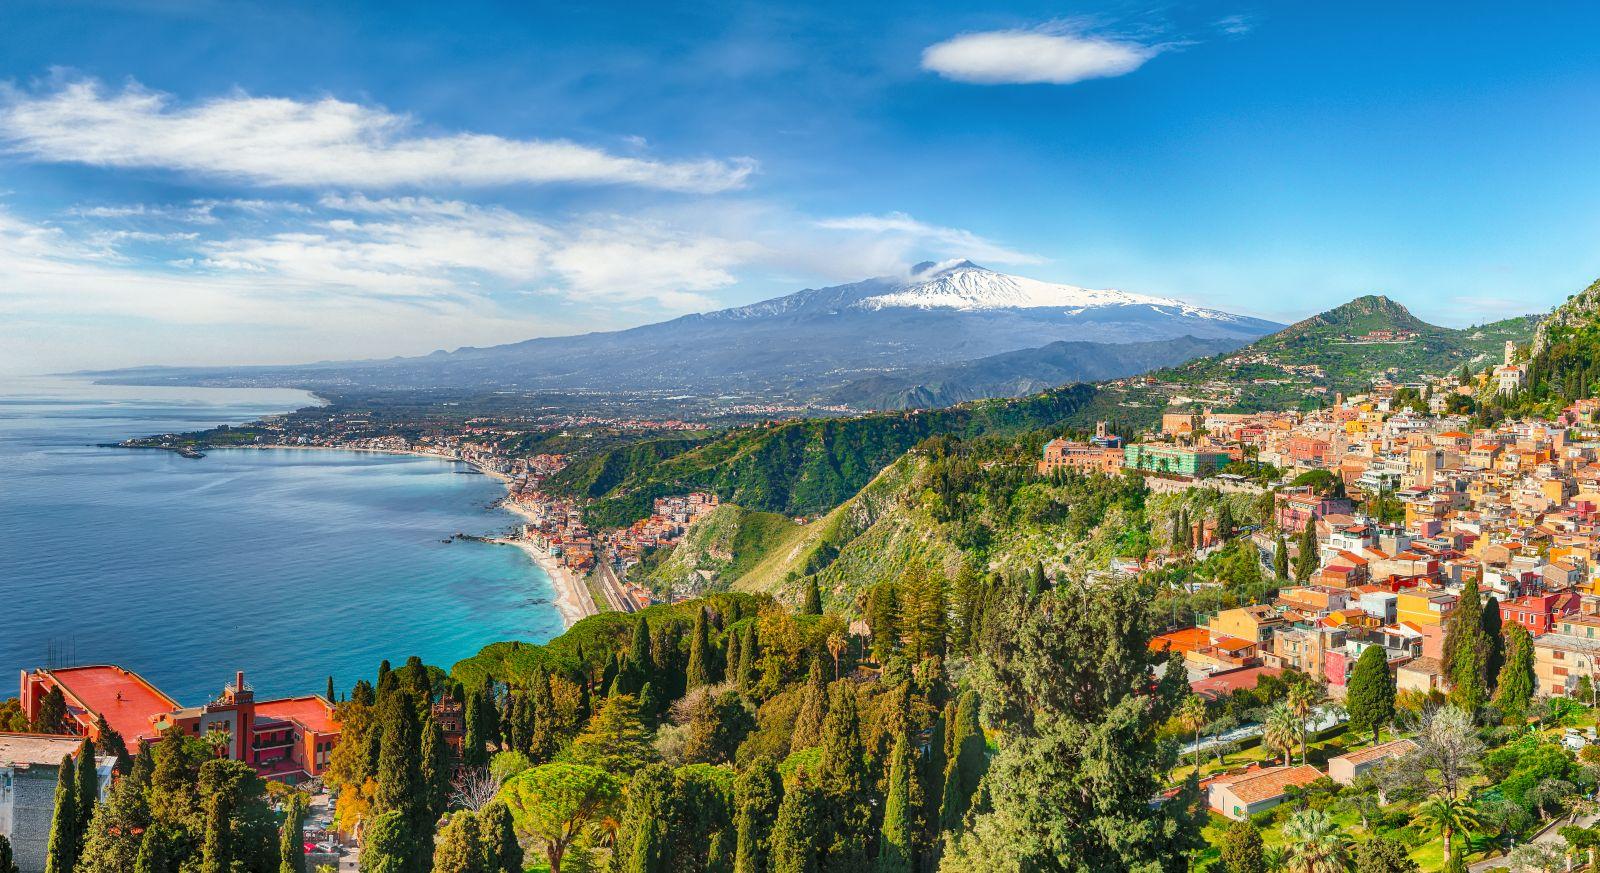 Auf Sizilien lässt es sich auch gut wandern, immer mit Ausblick auf den Ätna. ©pilat666/AdobeStock